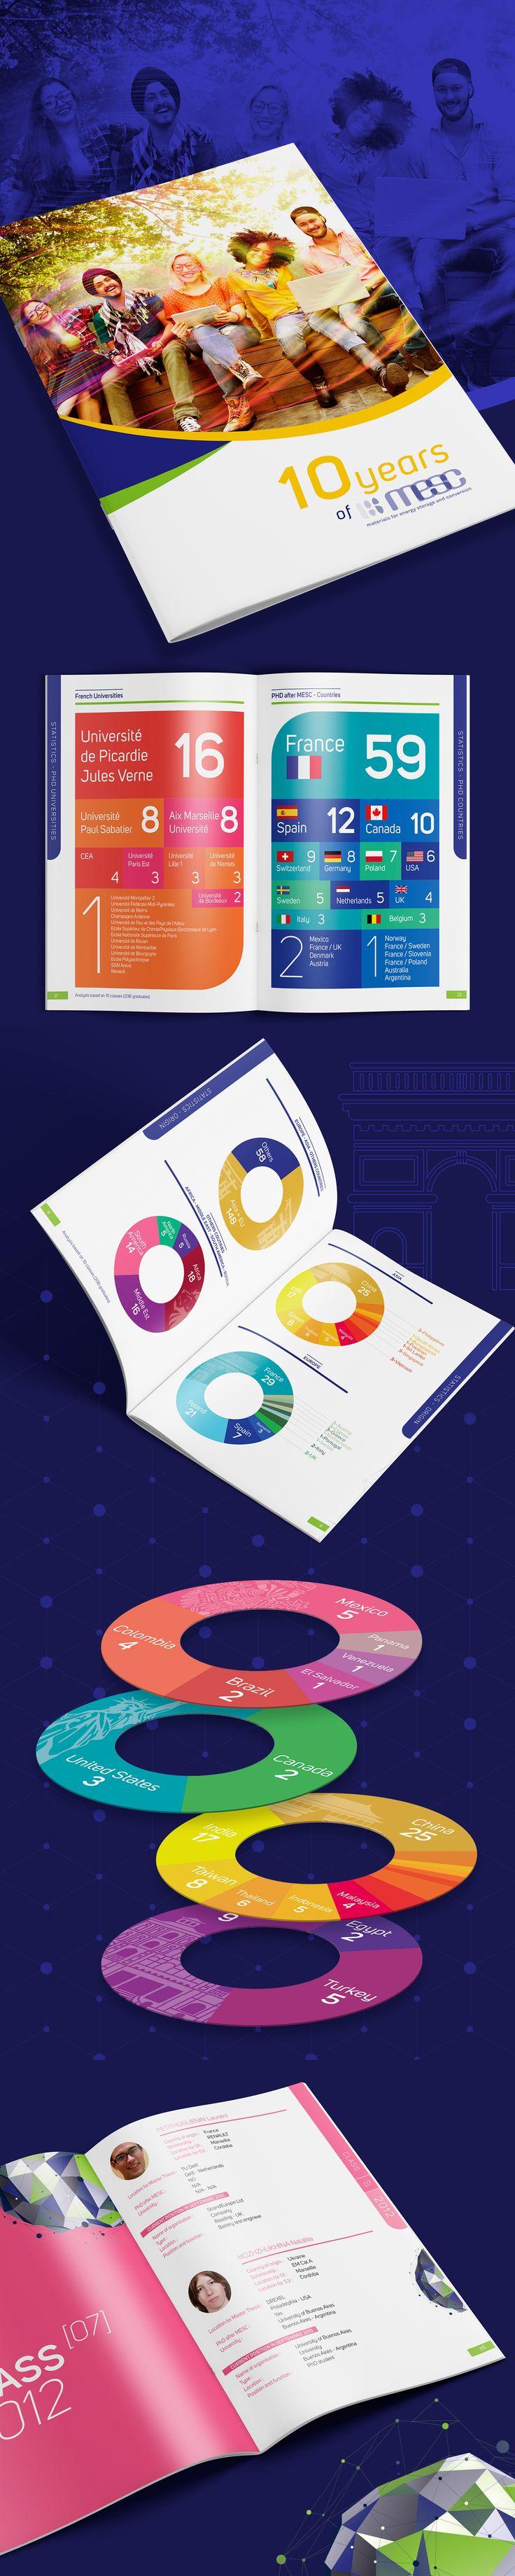 Pour fêter ses 10 ans, le M.E.S.C a souhaité réalisé un annuaire des étudiants, pour présenter leur parcours et leur situation actuelle Celui-ci a été précédé d'une première partie de « data » afin de mieux faire connaitre son cursus, son mode de fonctionnement, et surtout de mettre en avant ses résultats.  Pour rendre l'ensemble des données accessibles et attractives, l'agence a travaillé sur leur représentation et leur mise en forme. Agence de Design Regliss.com